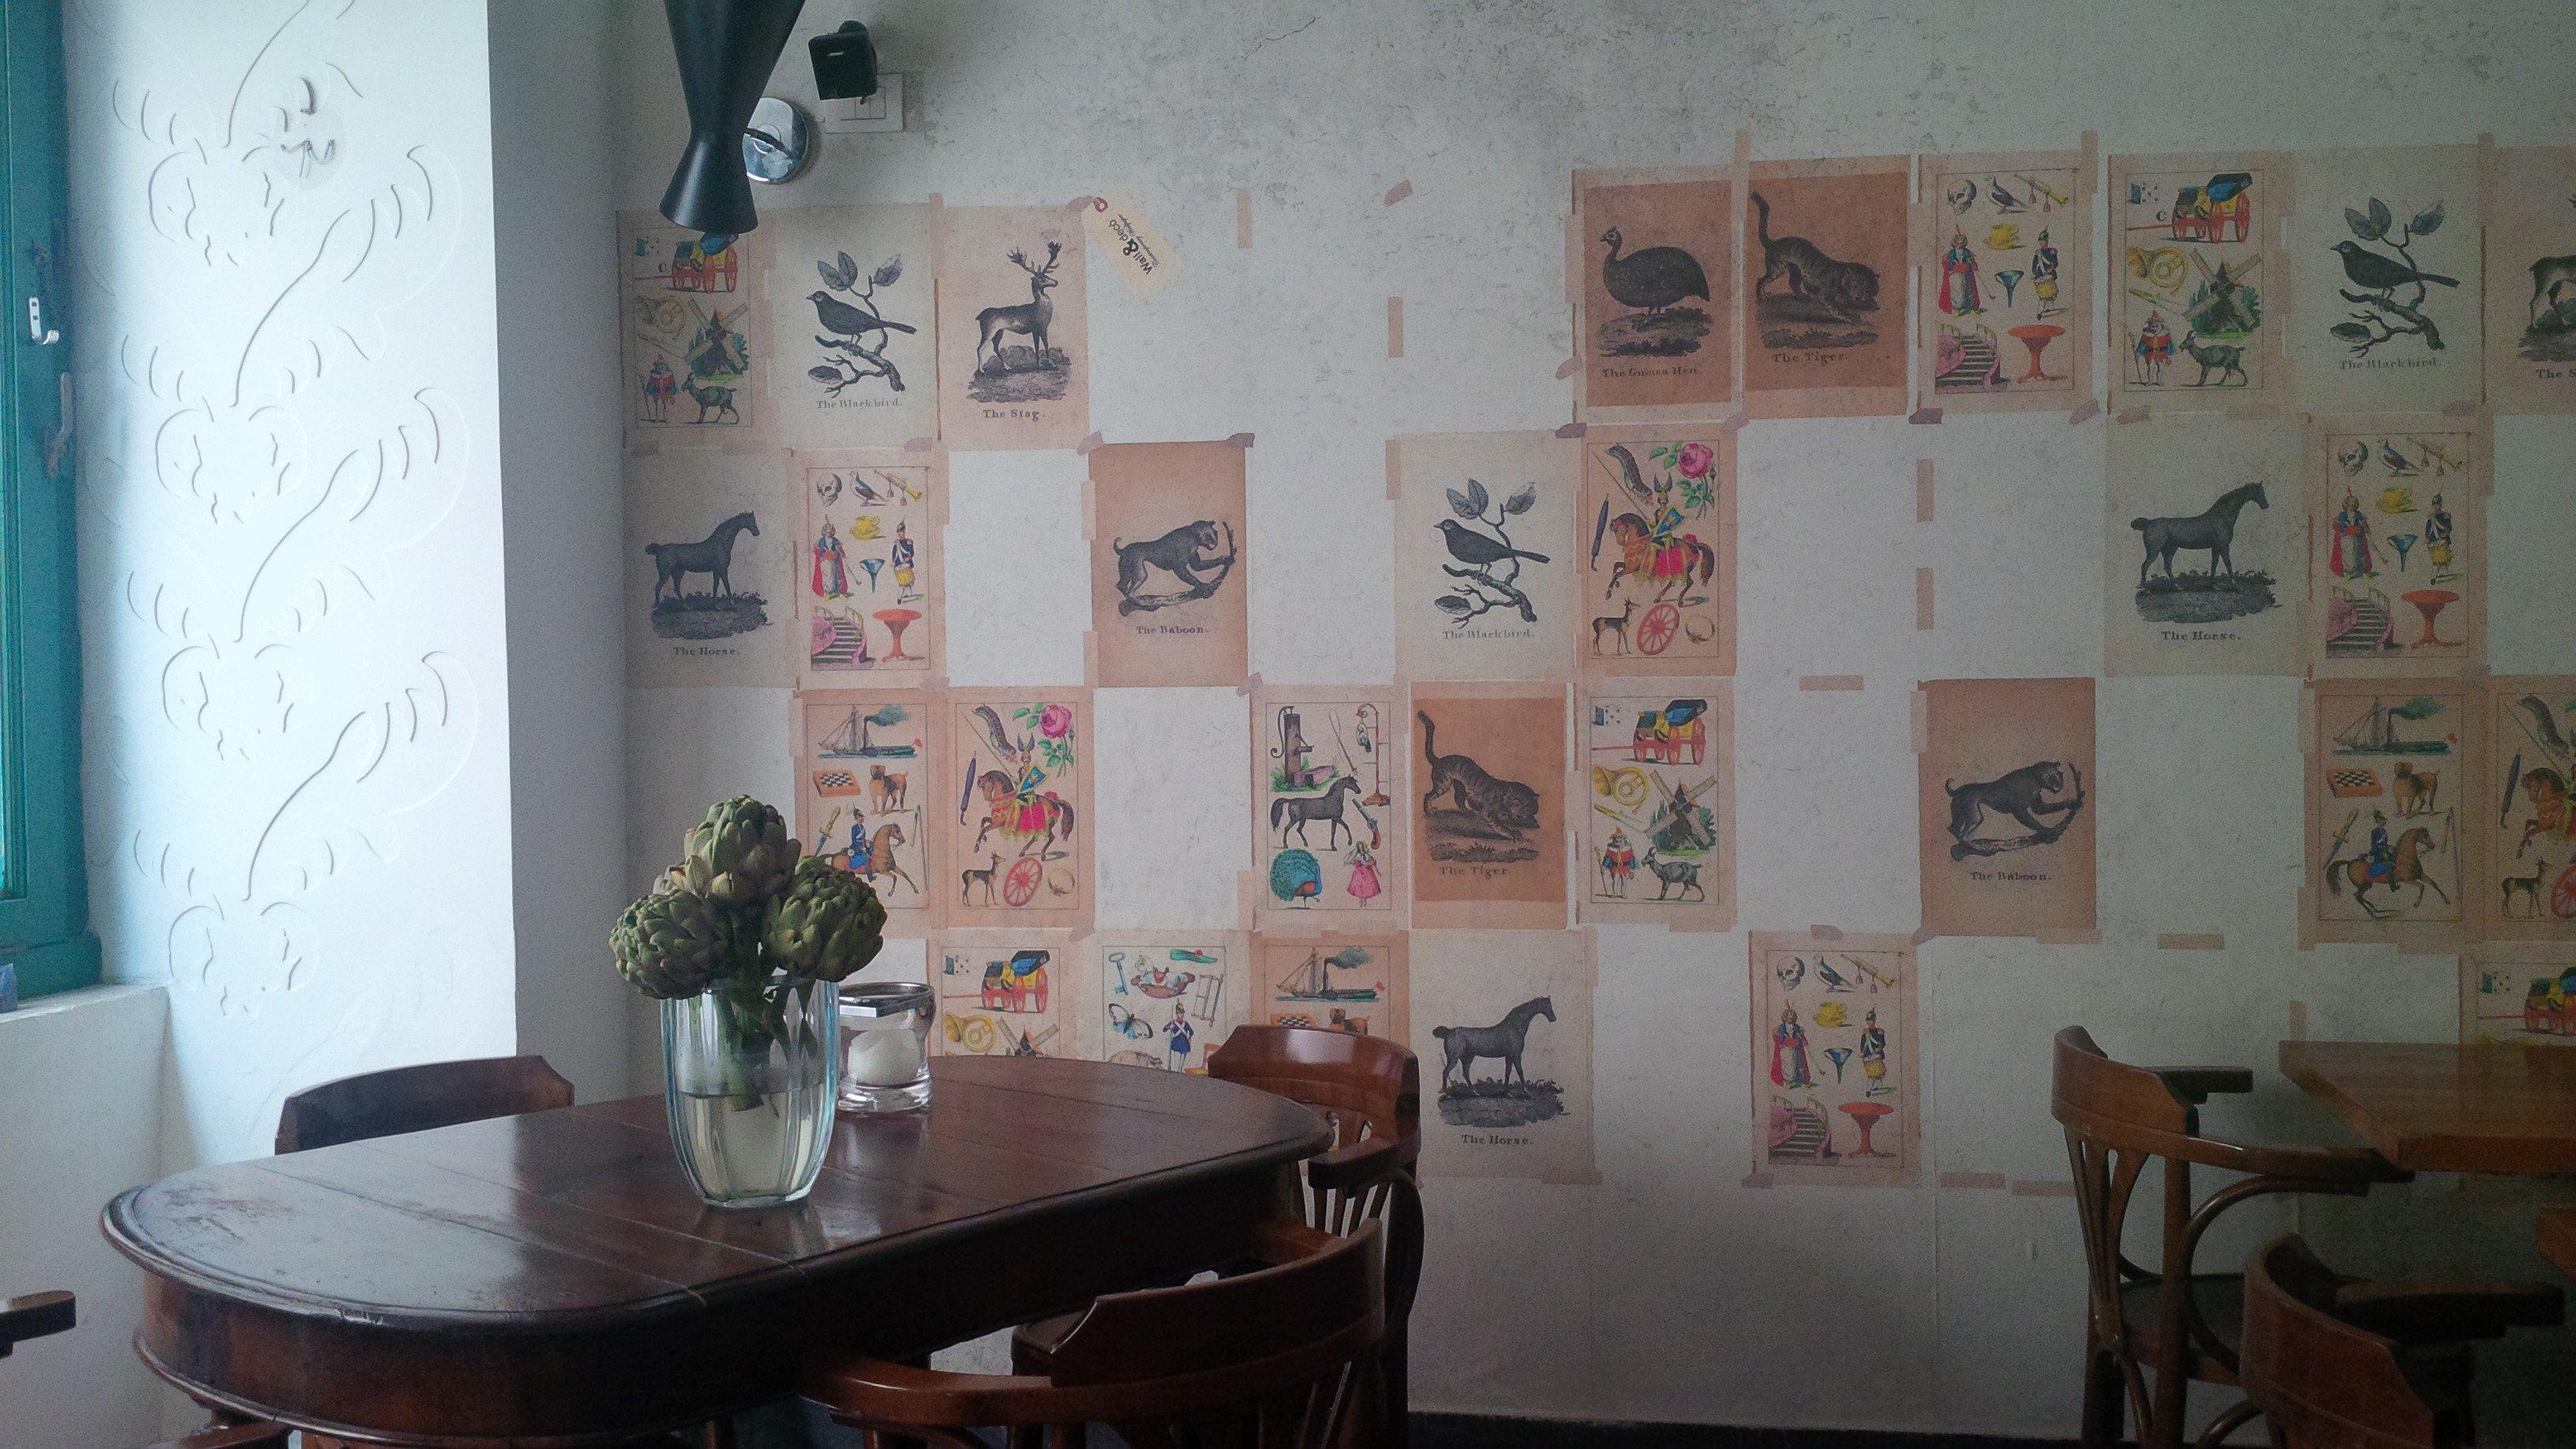 Divino di cibo e idee decor a casa di ro - Idee decoro casa ...